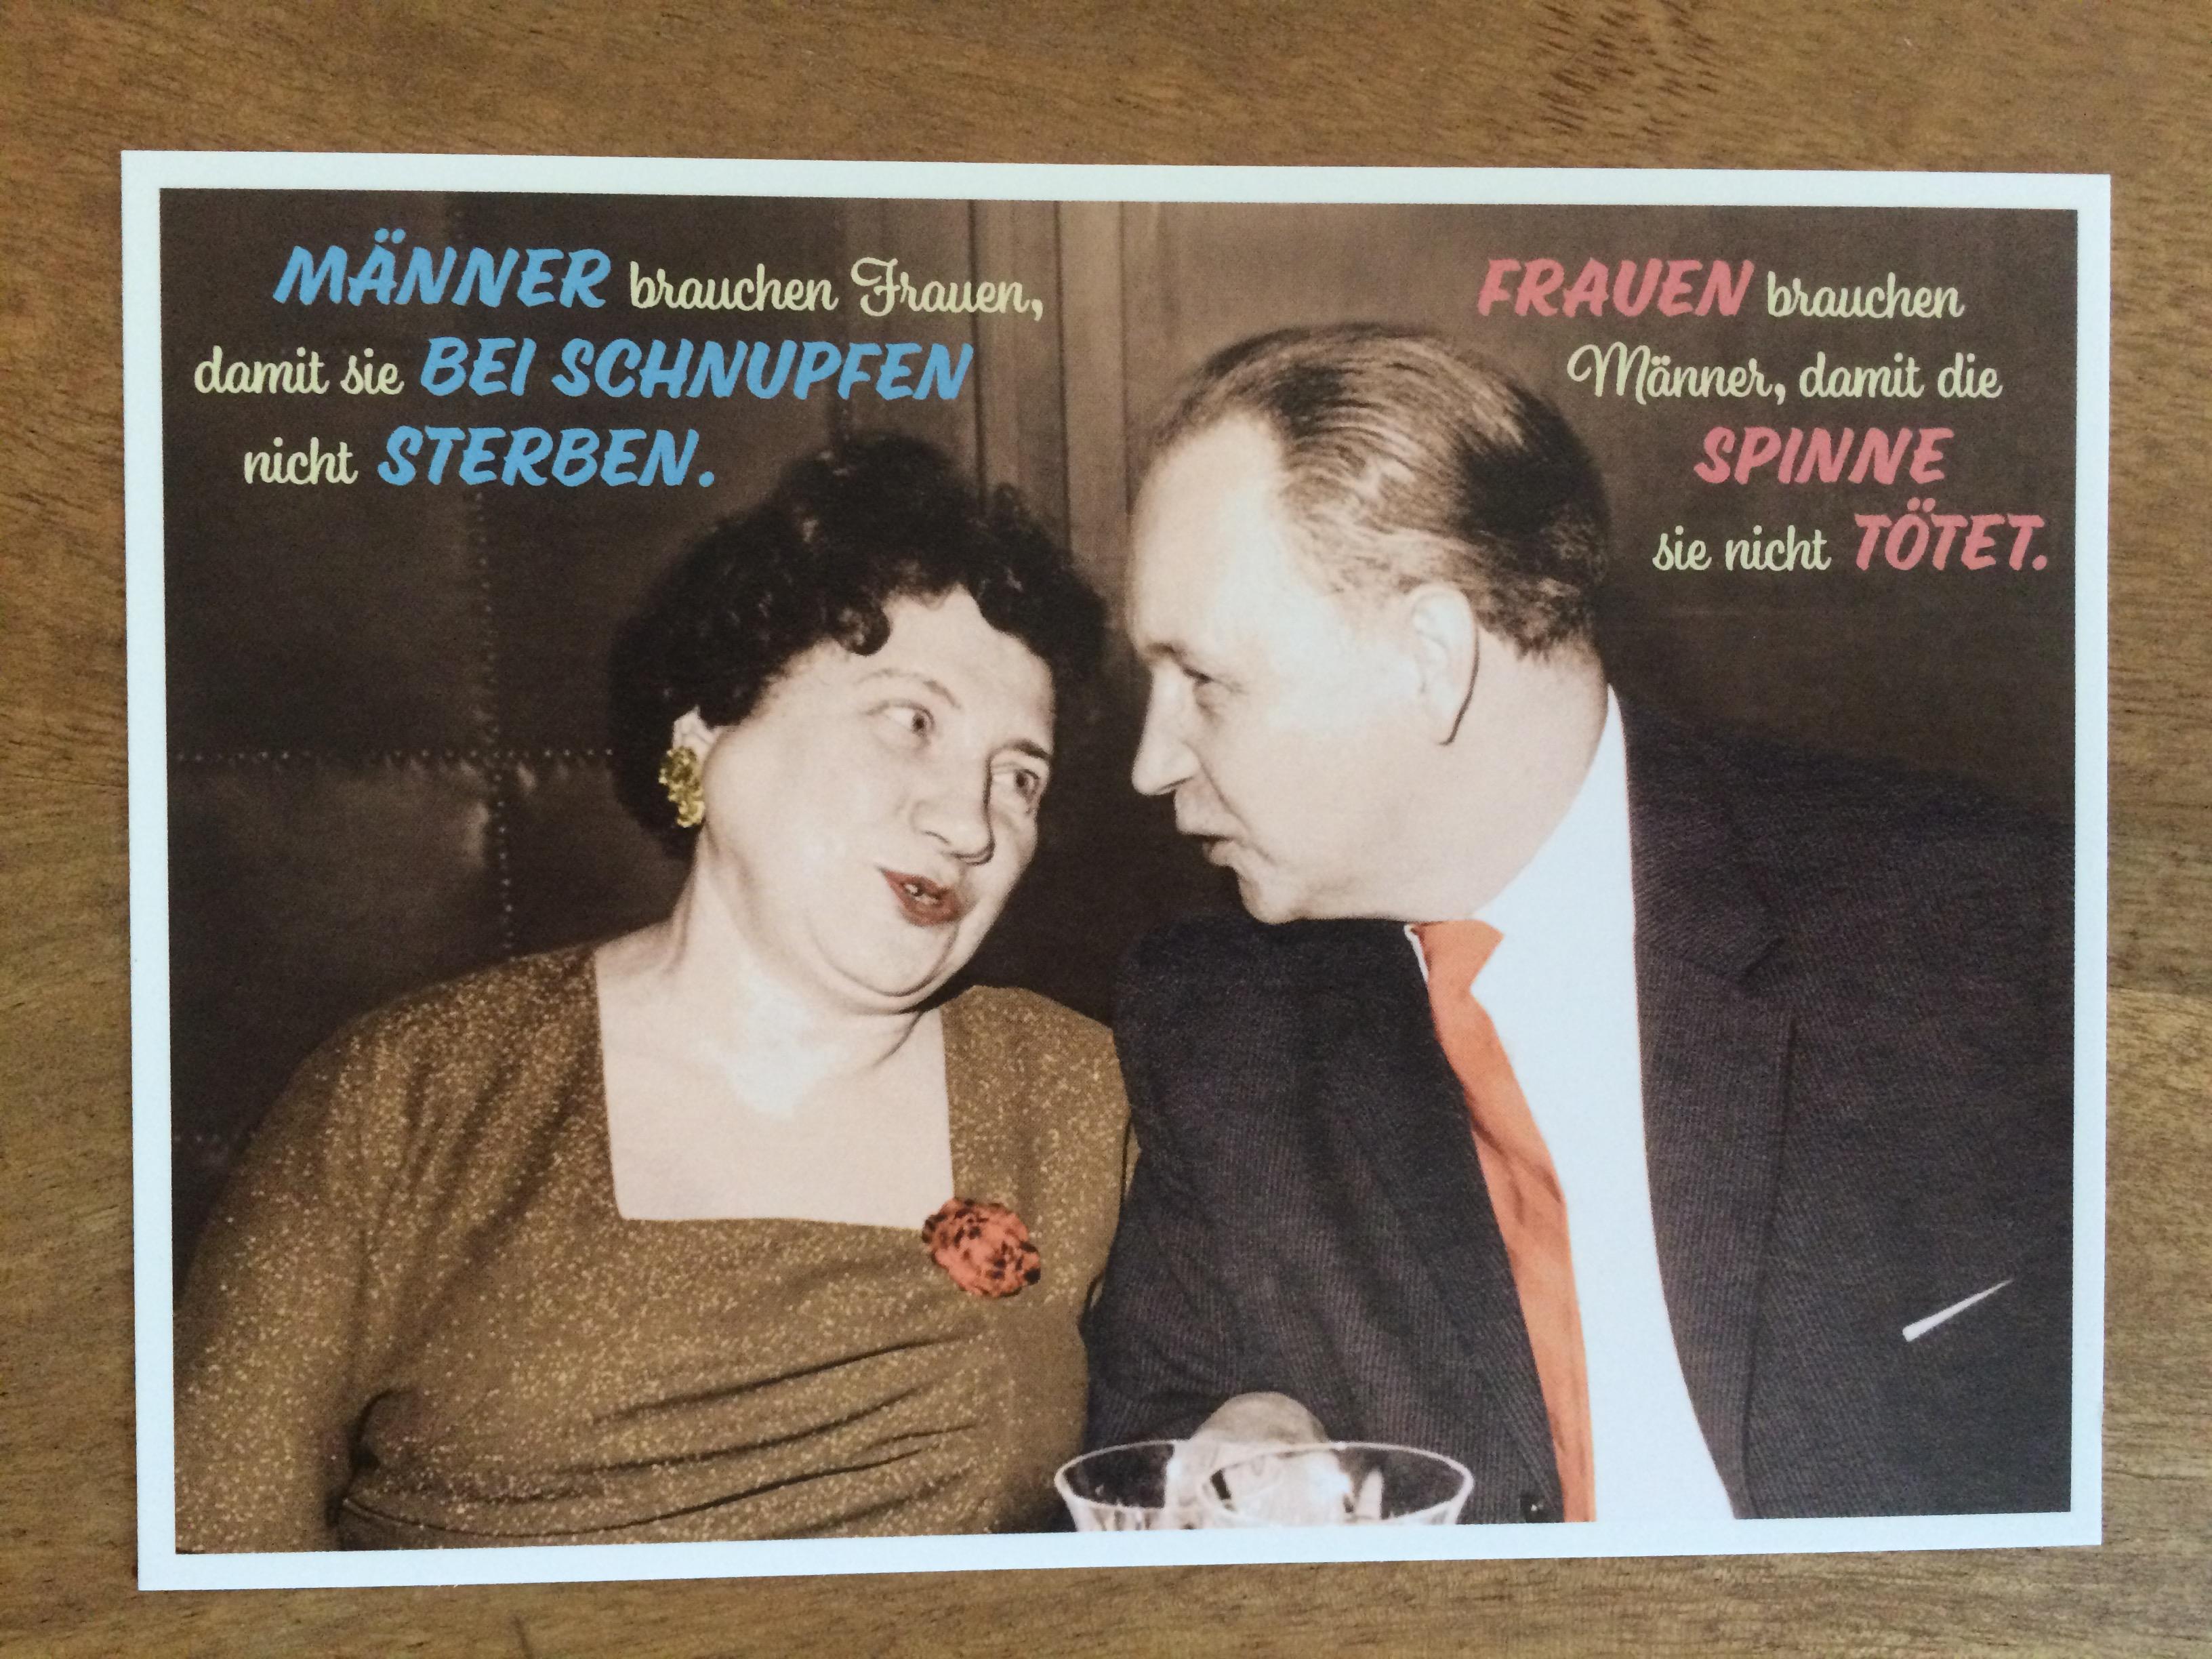 Postkarte Karte Männer brauchen Frauen damit..... Frauen brauchen Männder damit... Paloma